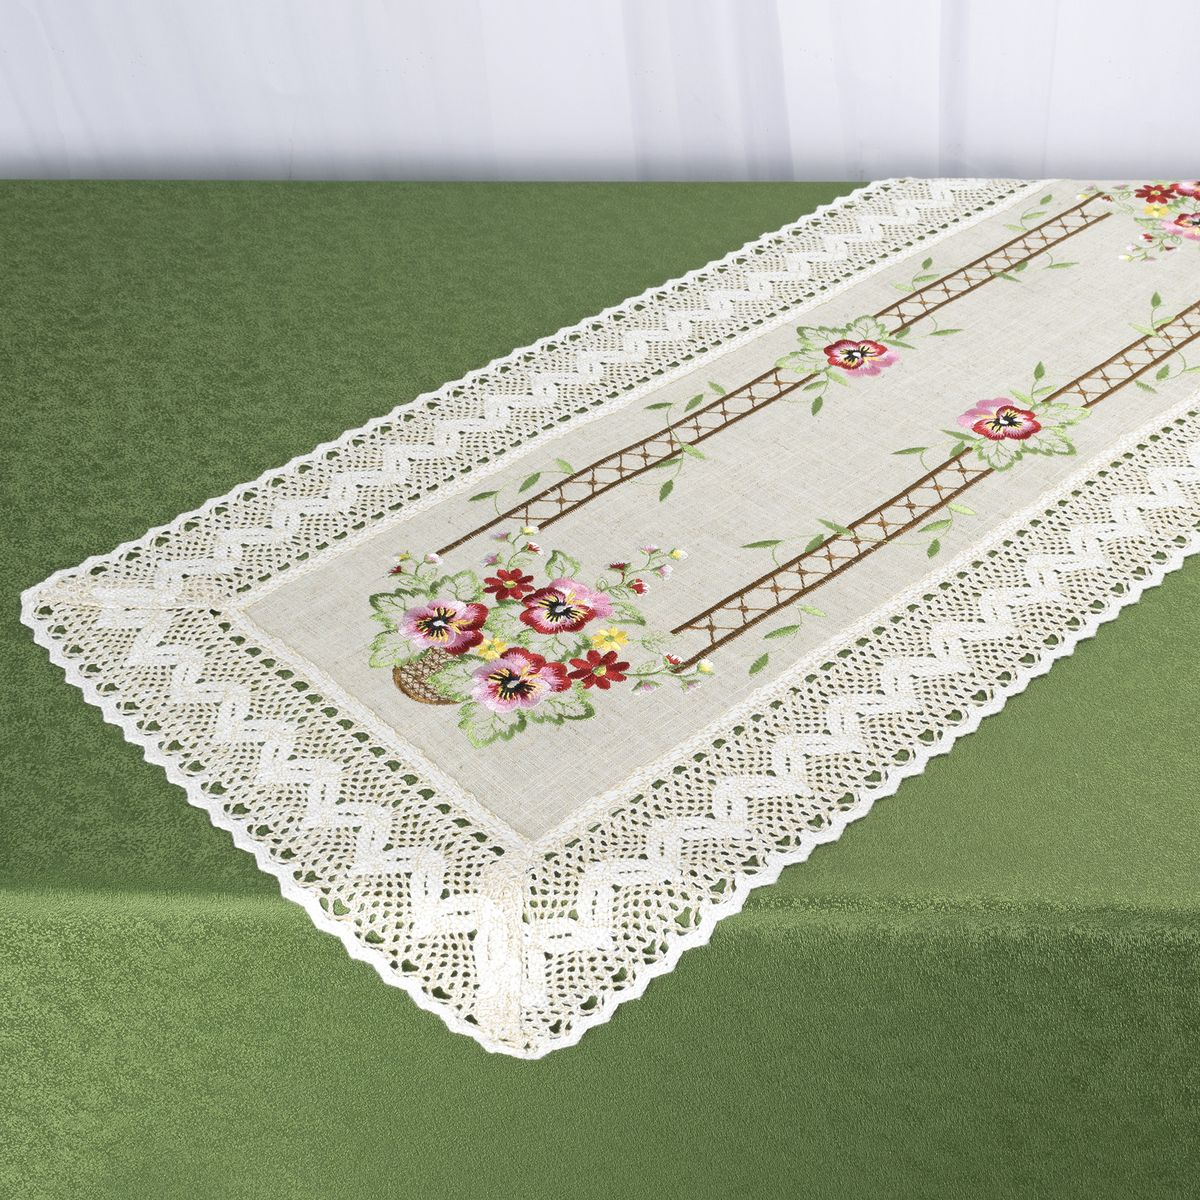 Дорожка для декорирования стола Schaefer, 40 x 90 см, цвет: белый. 07702-200 дорожка 900 1500мм